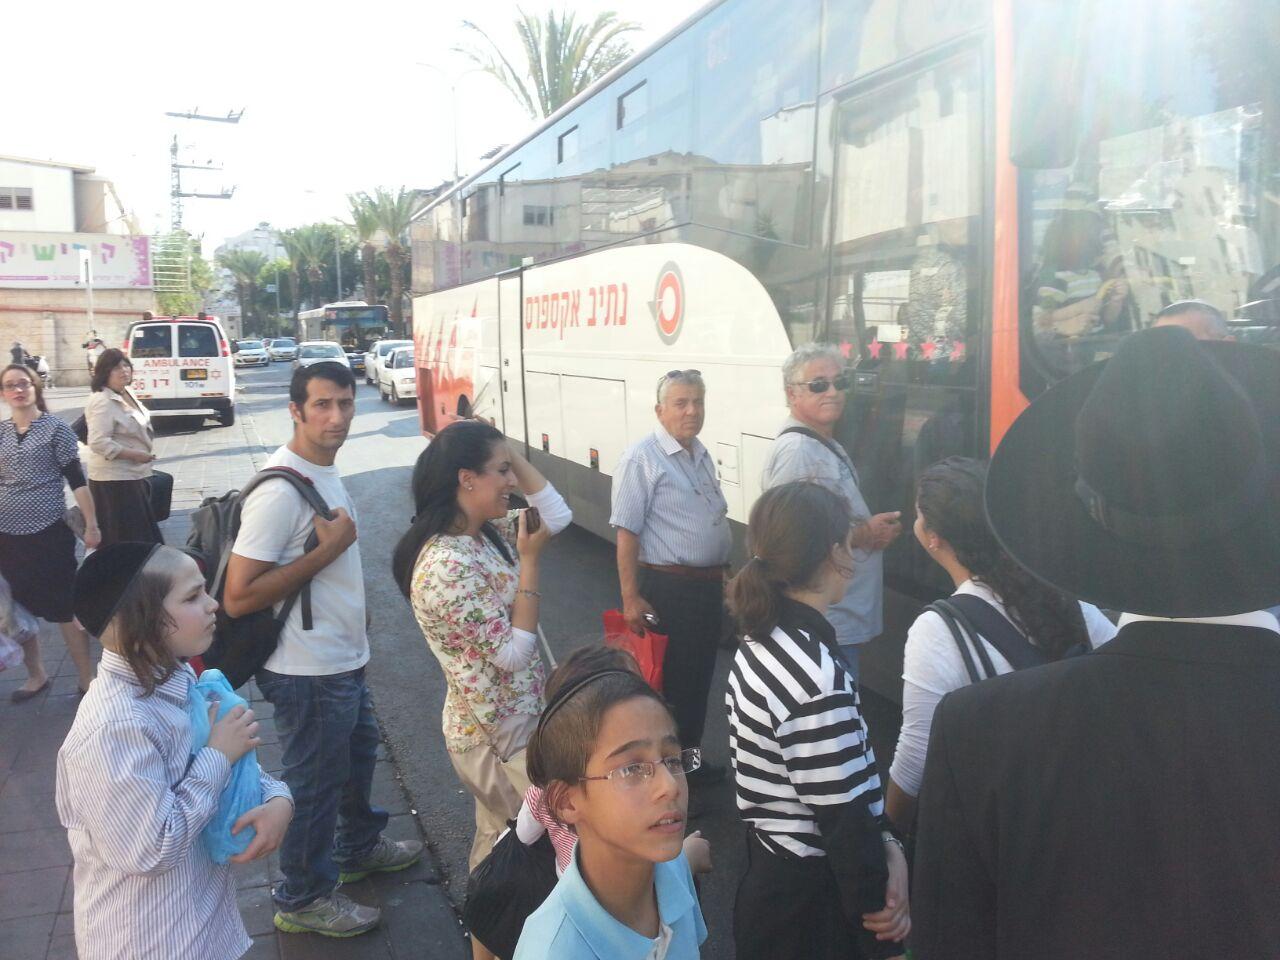 אוטובוס אוטובוסים חרדים נוסעים זועמים - צילם יהודה רחמים 24 (9)